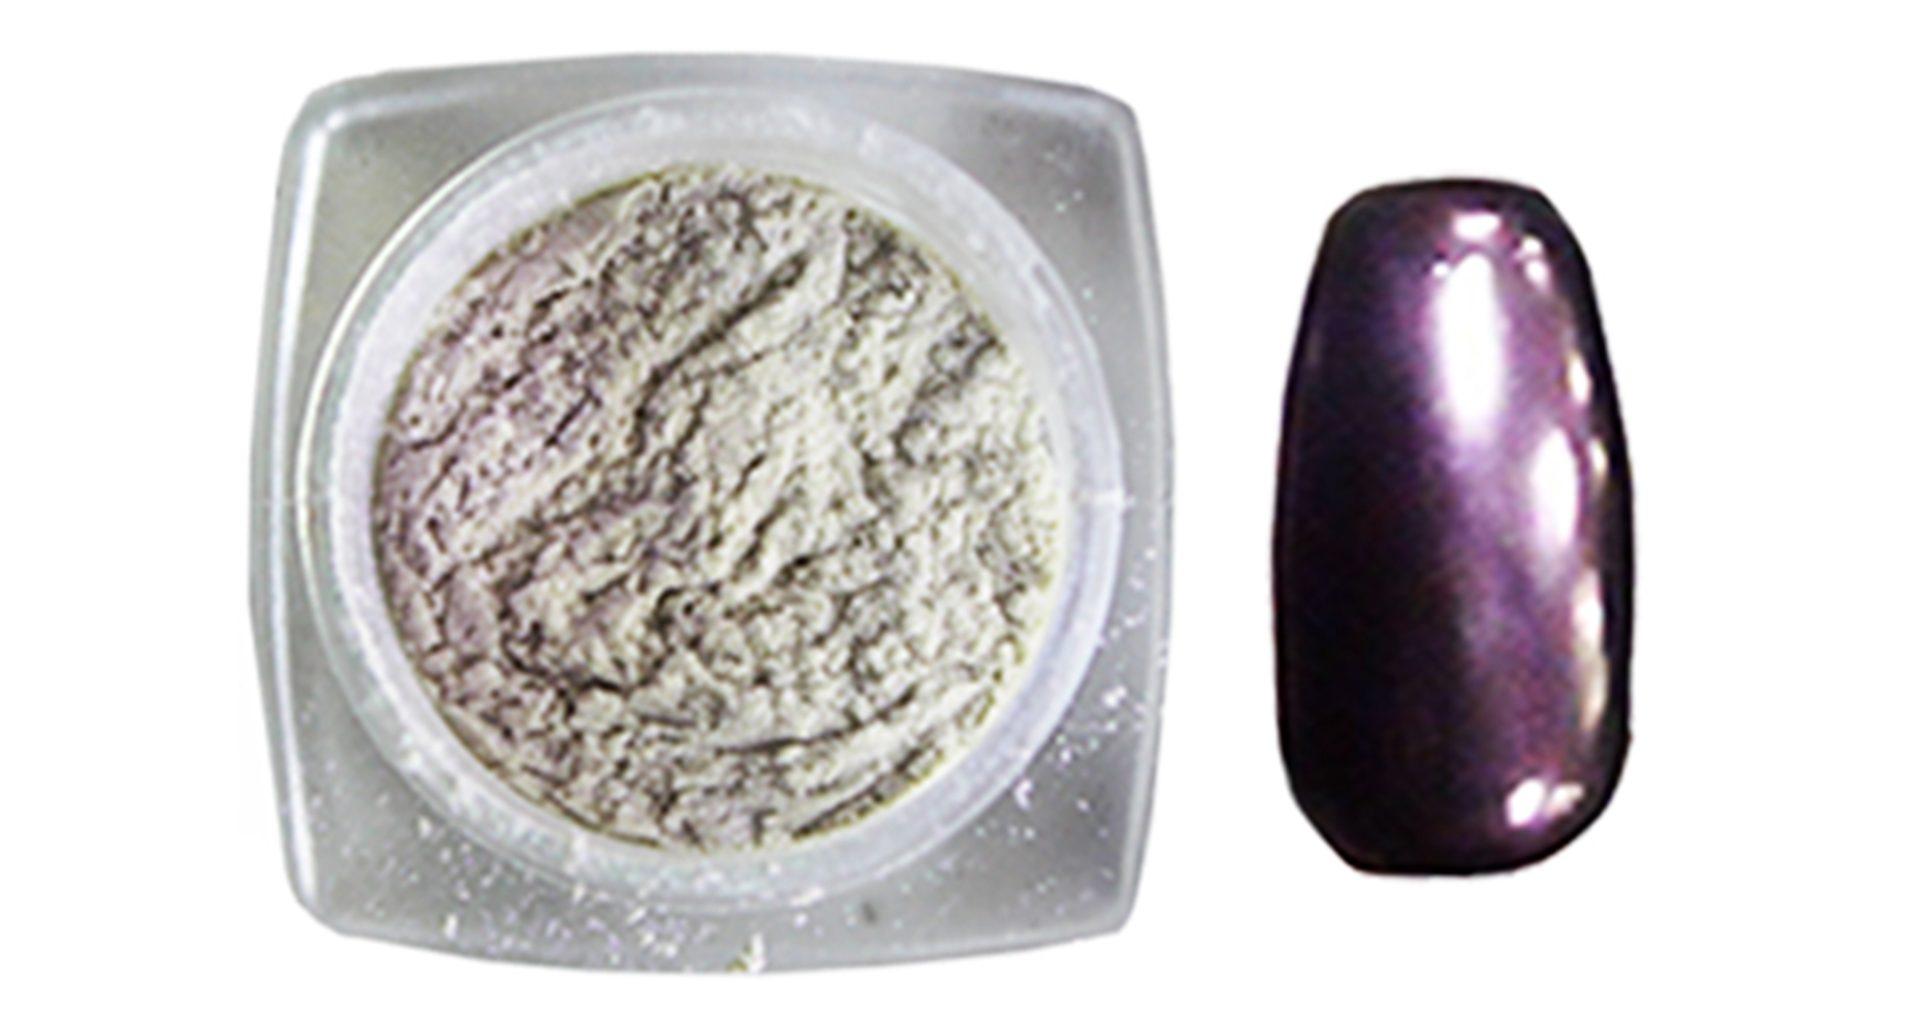 MI-NY Chromatic Mirror Powder 06